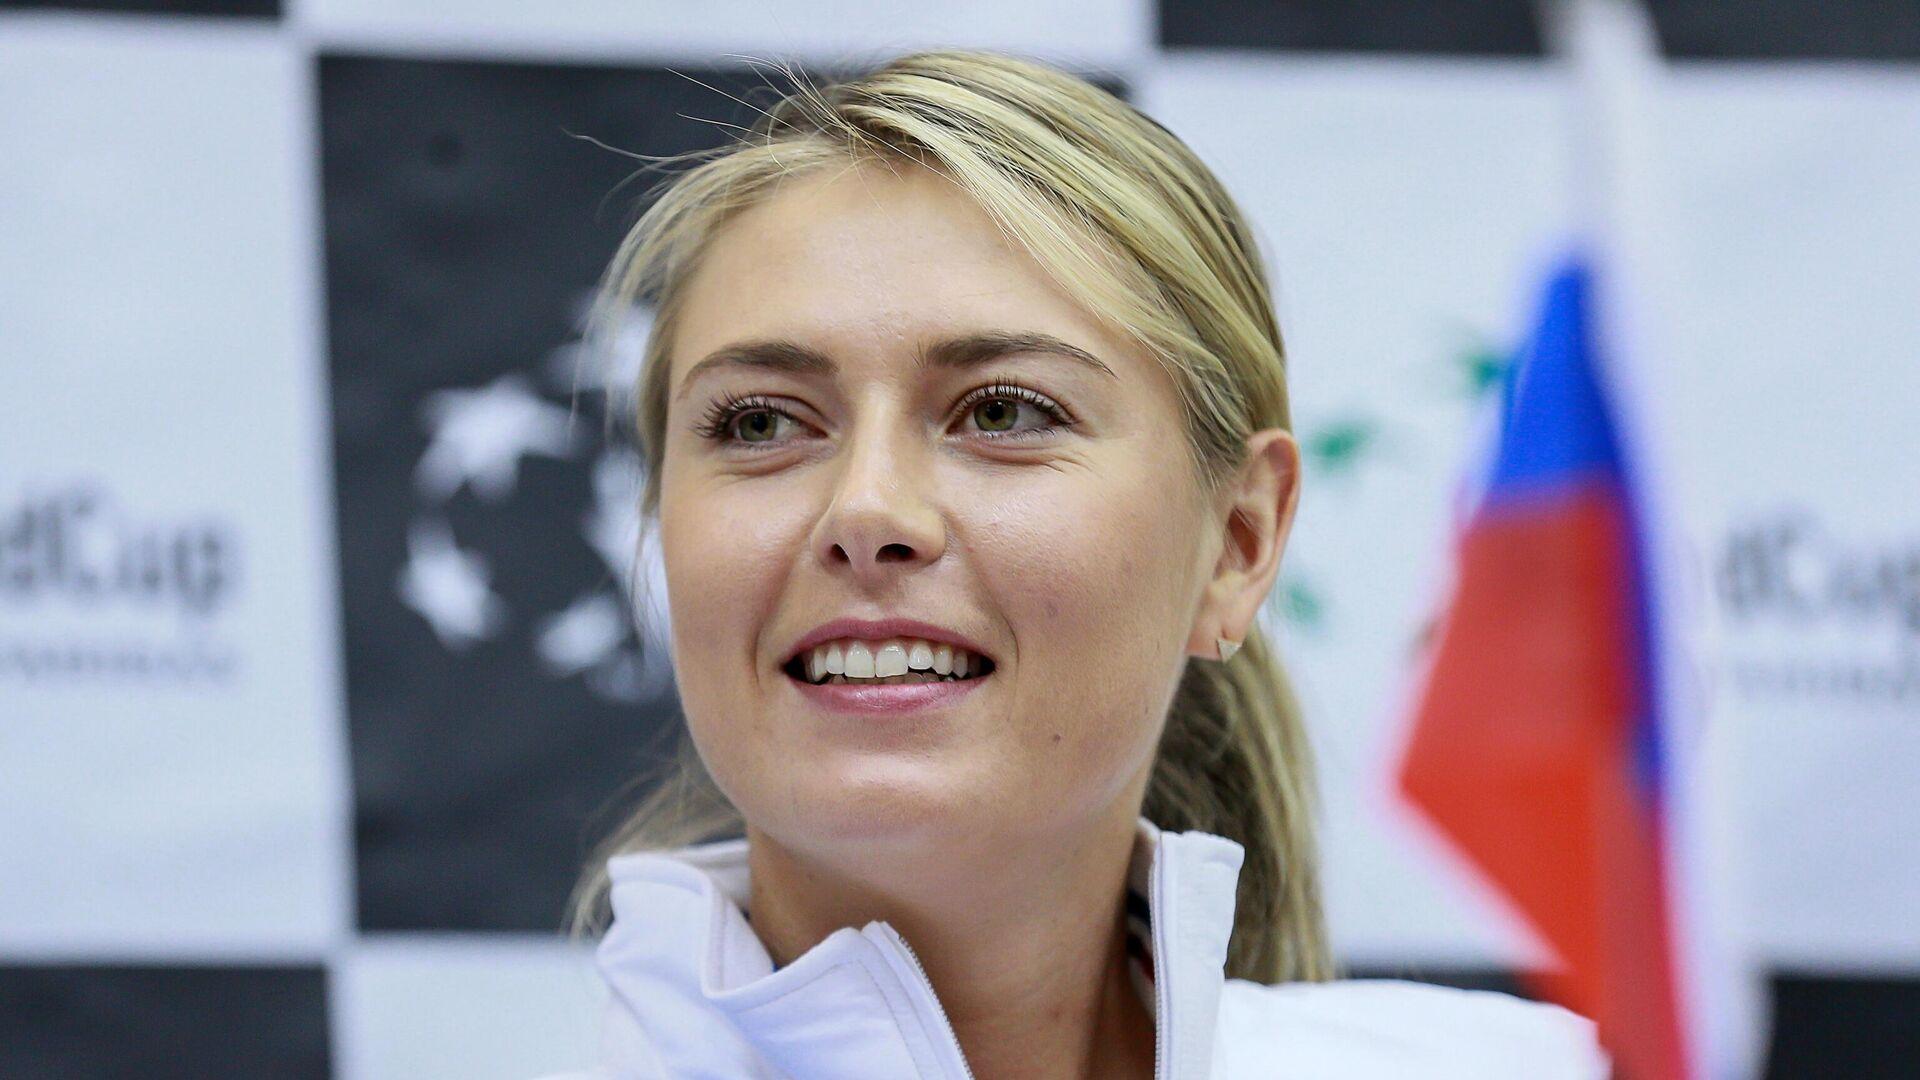 Теннисистка Мария Шарапова - РИА Новости, 1920, 19.10.2020